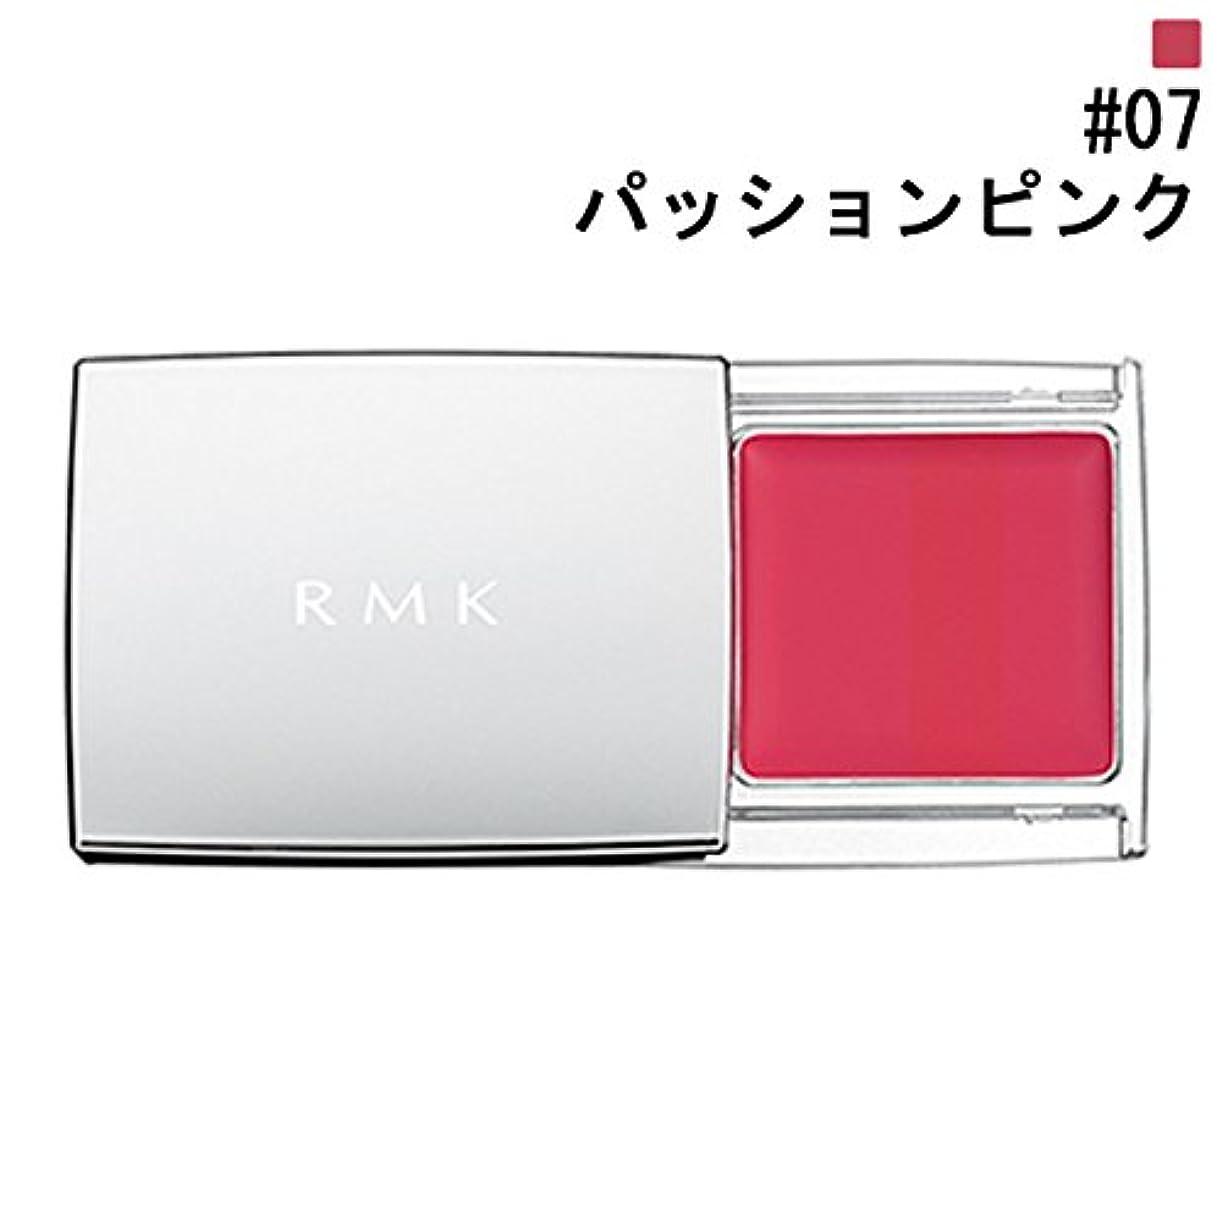 小さな貨物宣教師【RMK (ルミコ)】RMK マルチペイントカラーズ #07 パッションピンク 1.5g